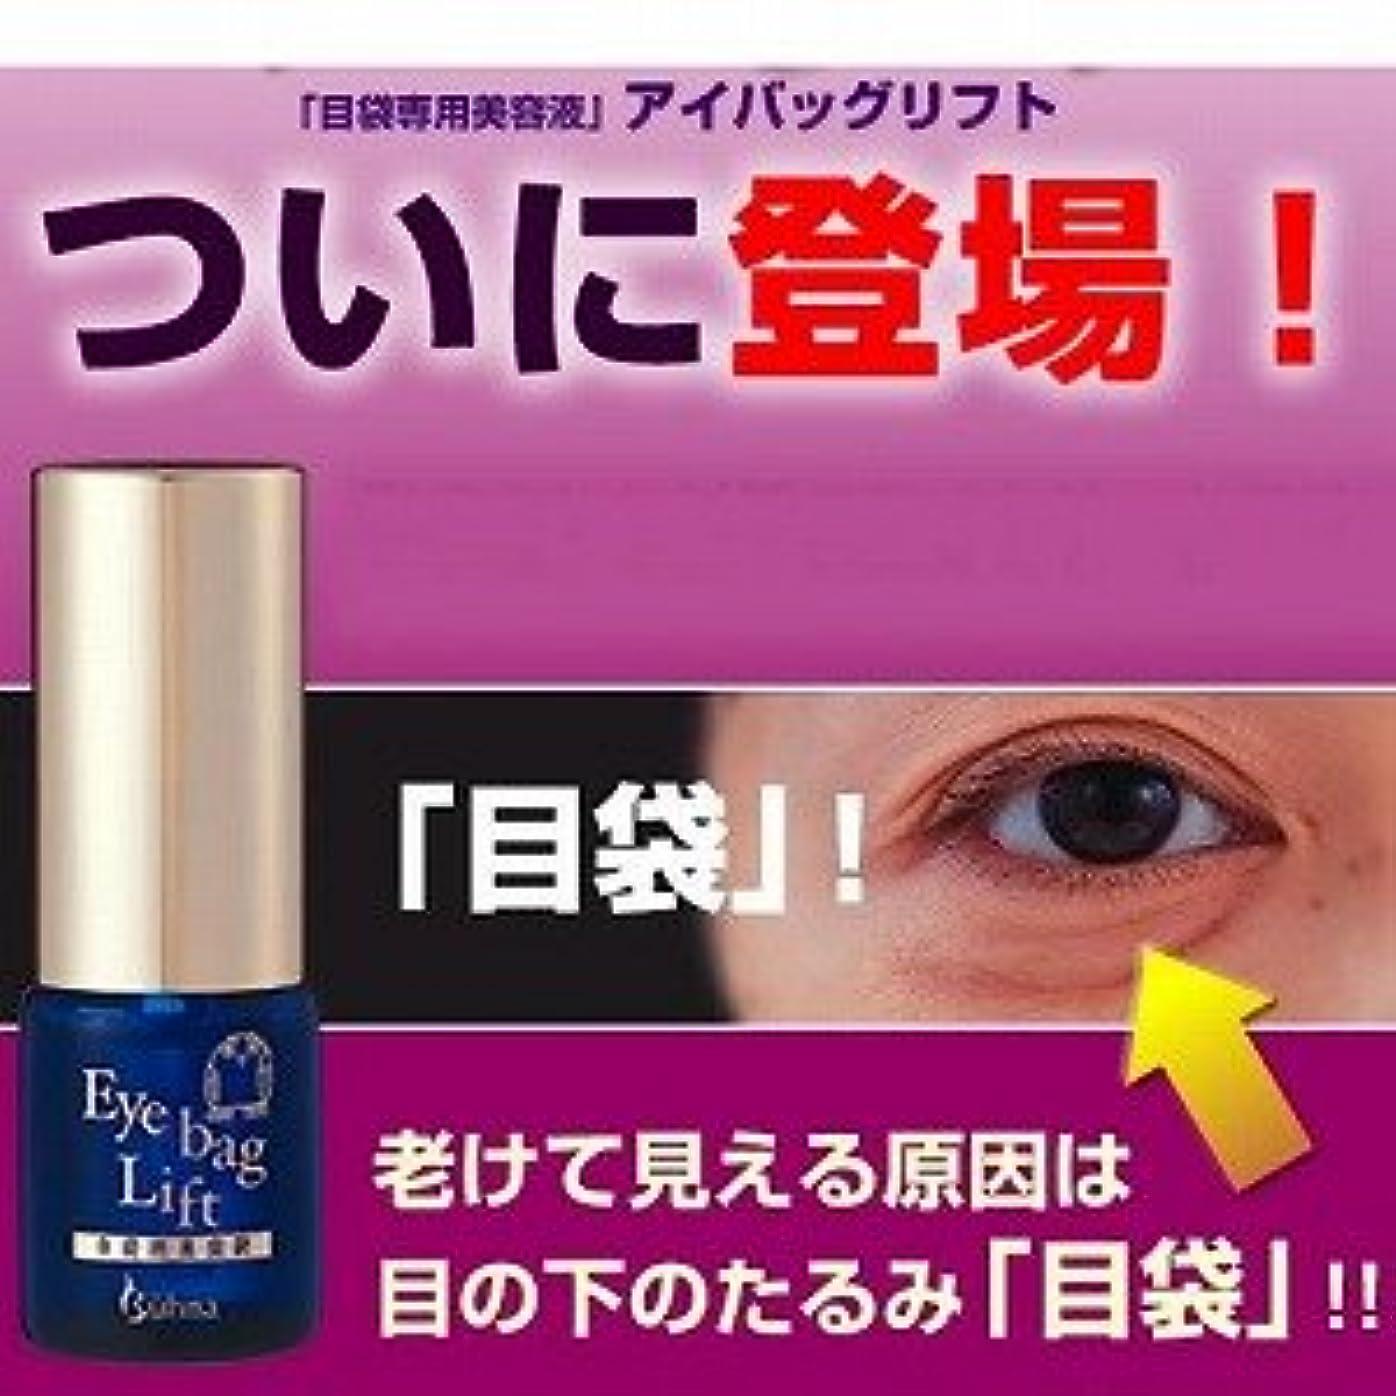 ステートメント間に合わせ泣き叫ぶ老けて見える原因は、目元、目の下のたるみ「目袋」『目袋専用美容液 アイバッグリフト』